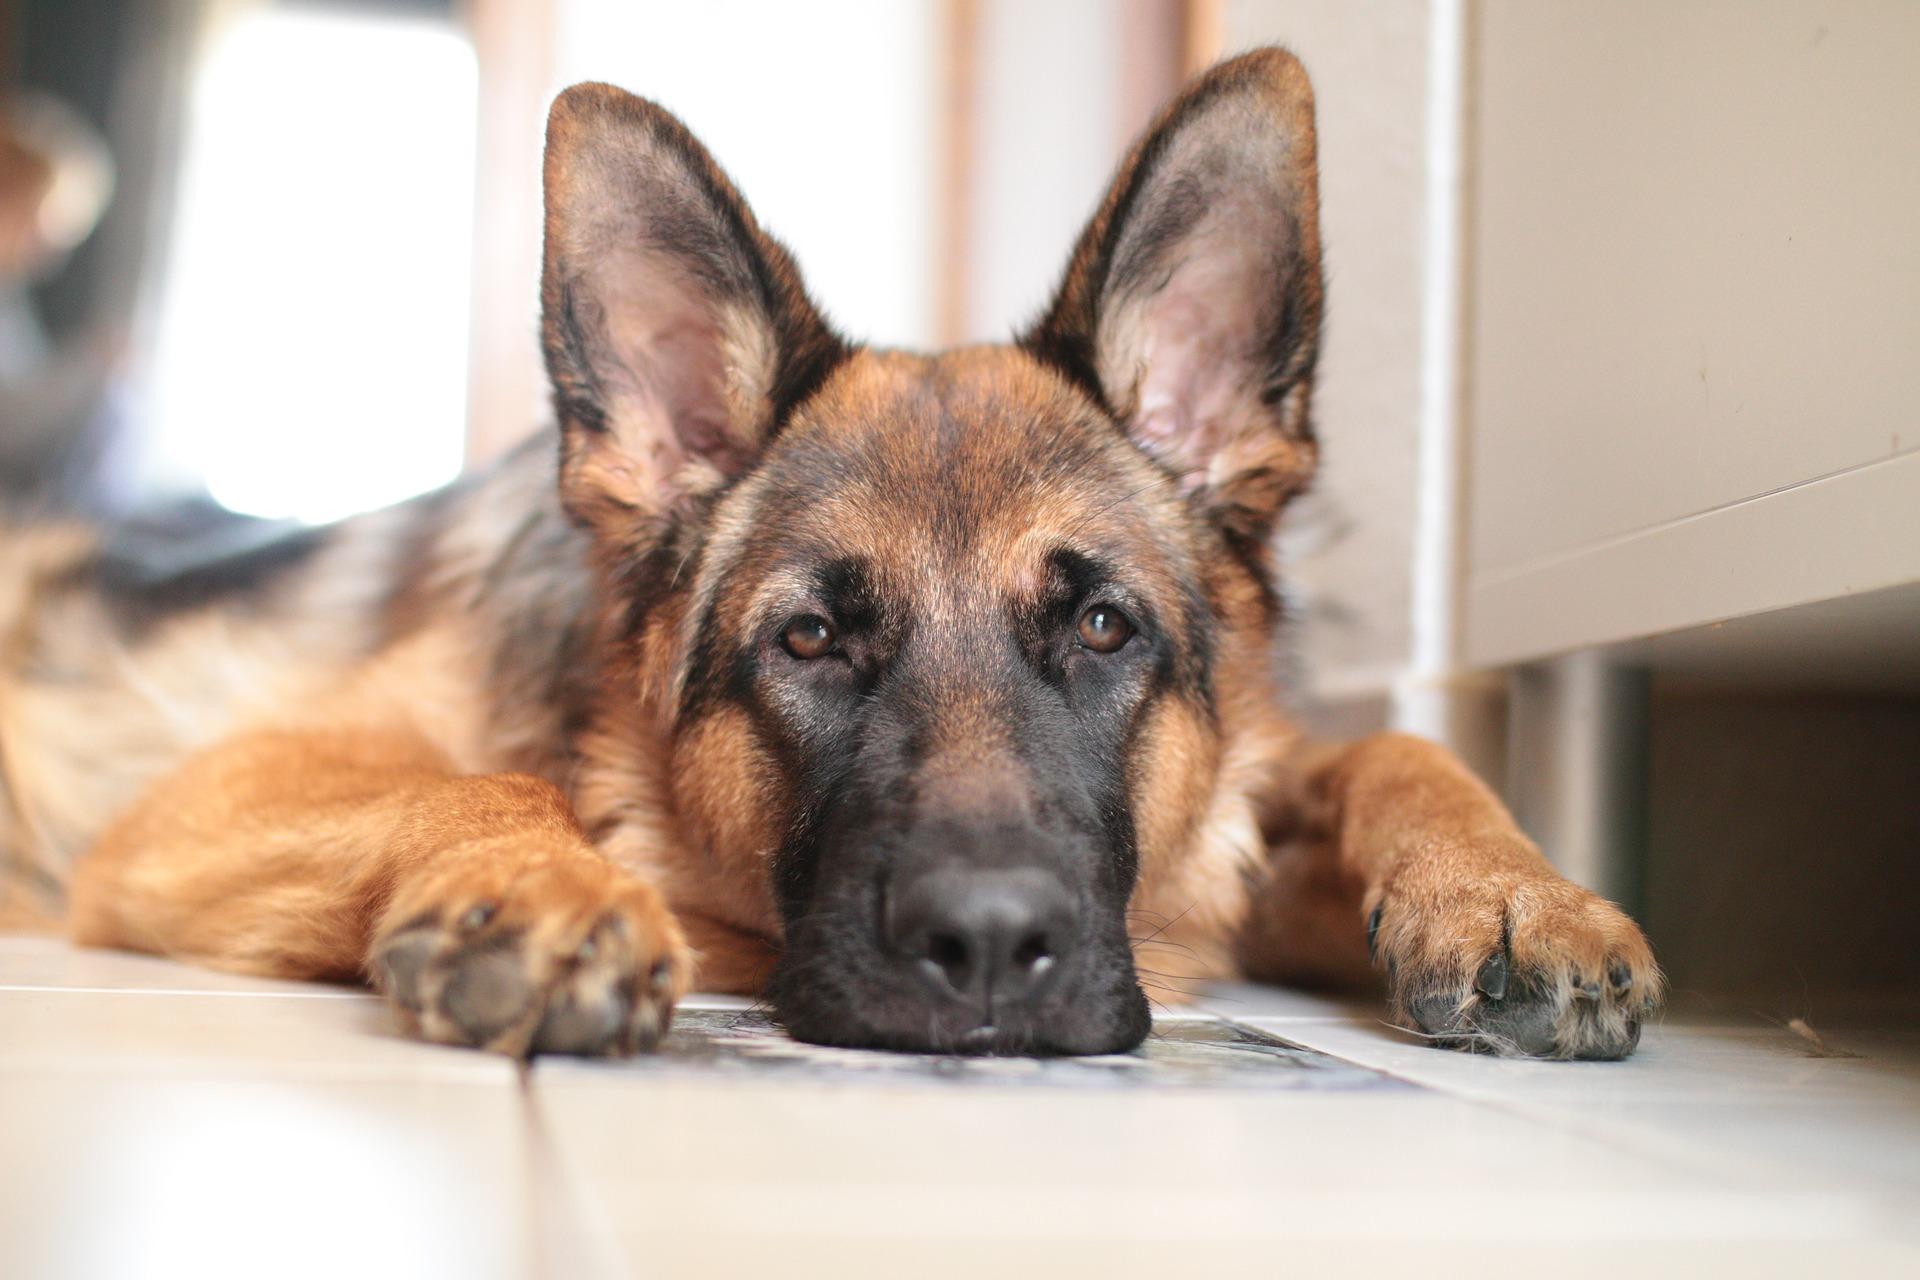 Odanost psa prema čovjeku: Miška godinama živi na mjestu gdje je poginuo njegov vlasnika